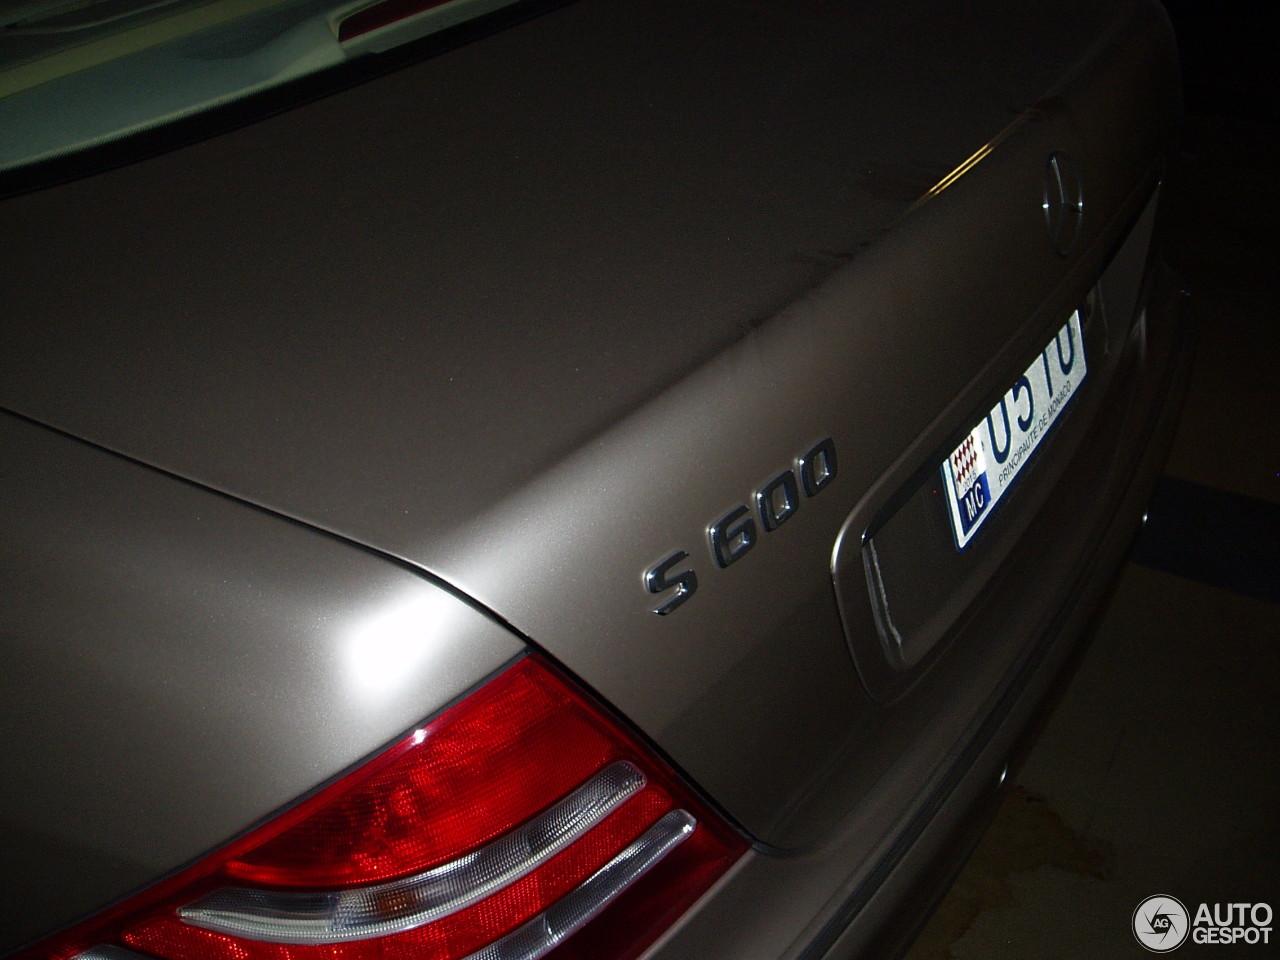 Mercedes benz s 600 pullman 11 oktober 2015 autogespot for 2015 mercedes benz s 600